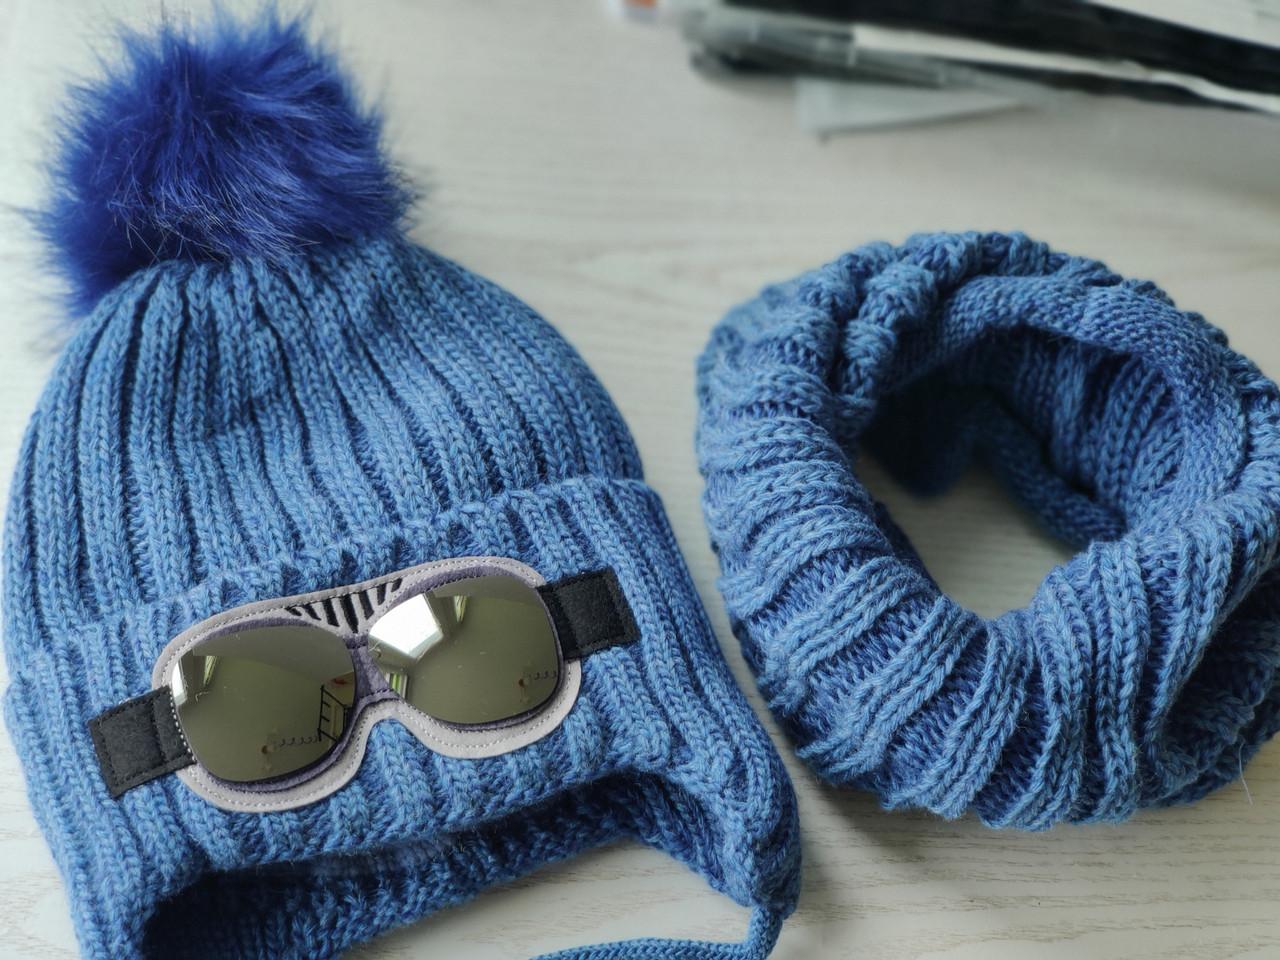 Комплект для мальчика с очками на завязках (шапка+хомут ) Размер 50-54 см Возраст 3-6  лет